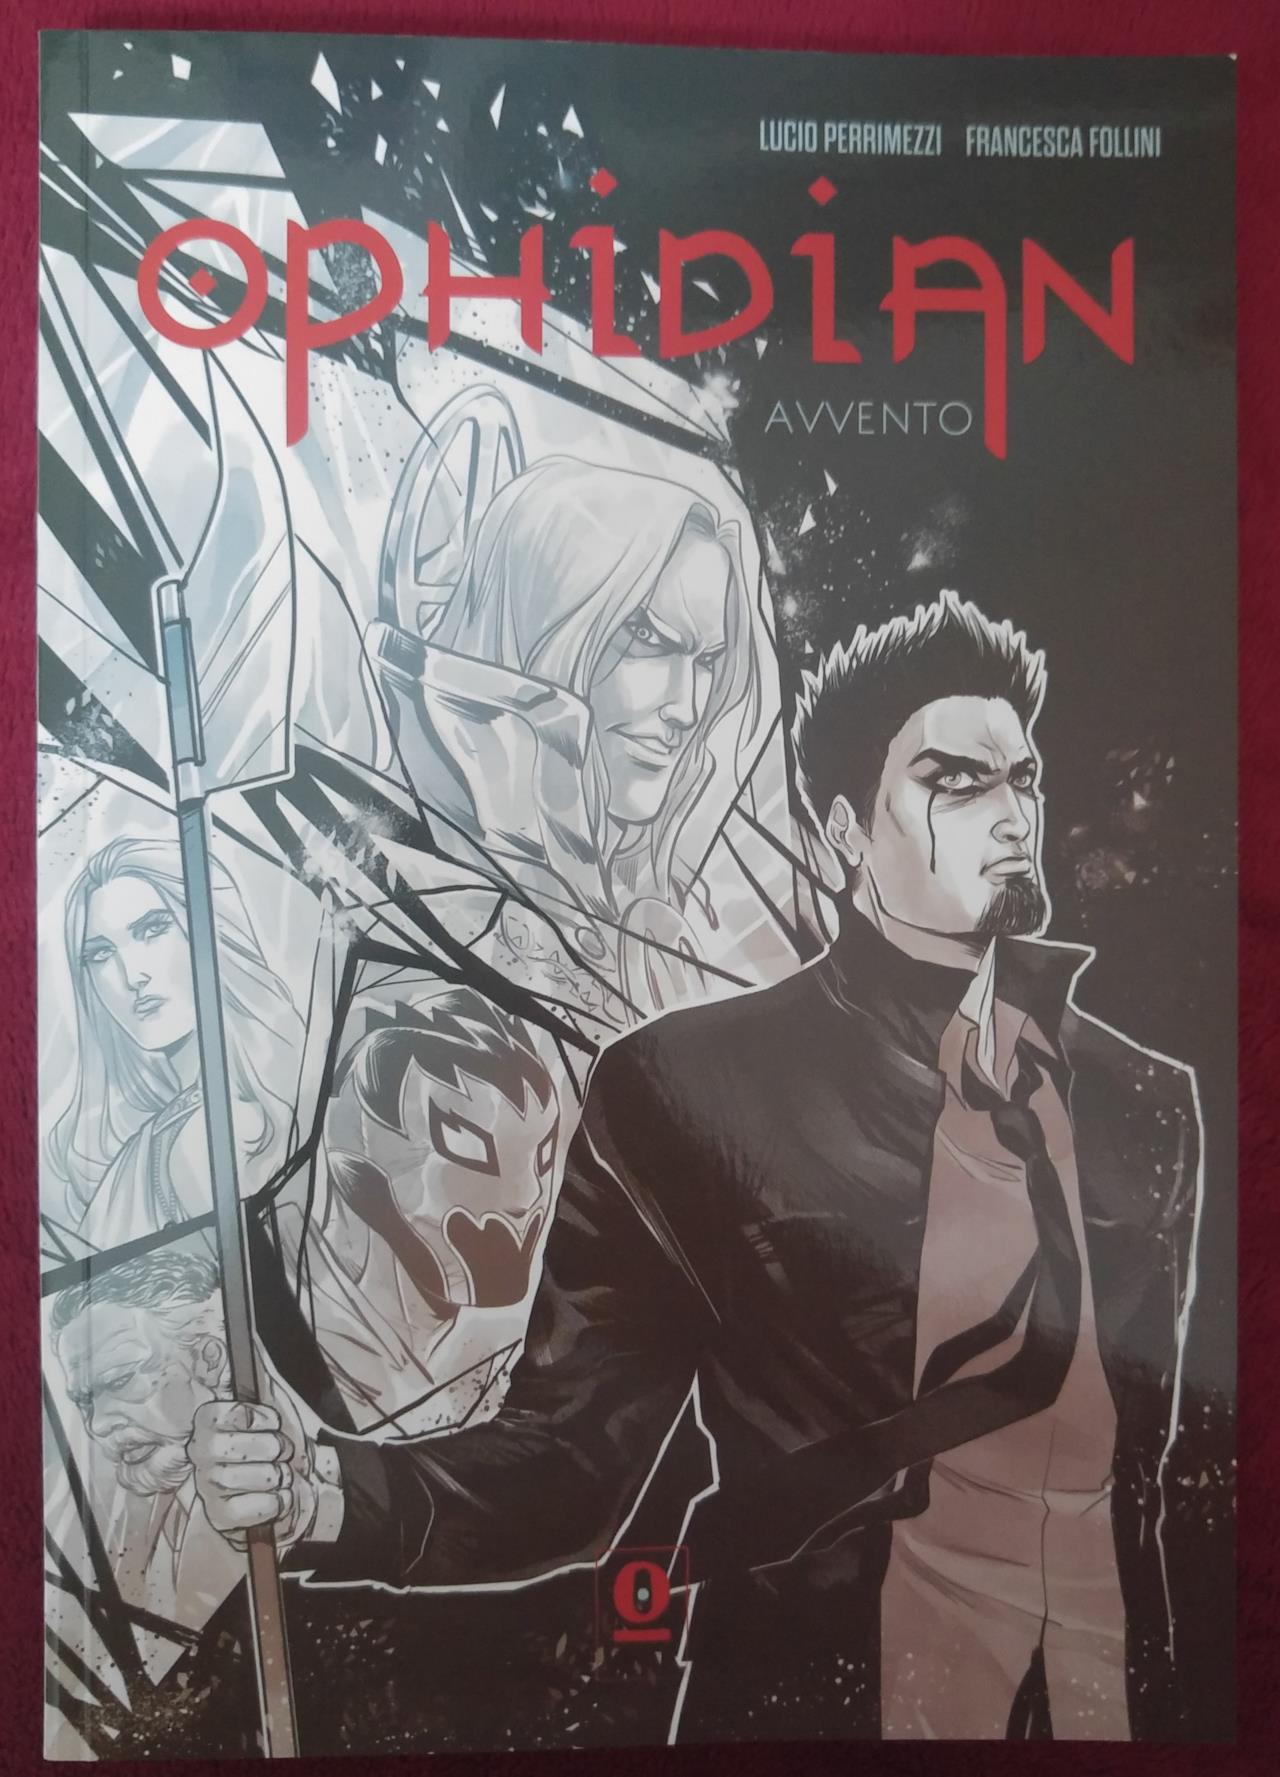 La copertina del fumetto